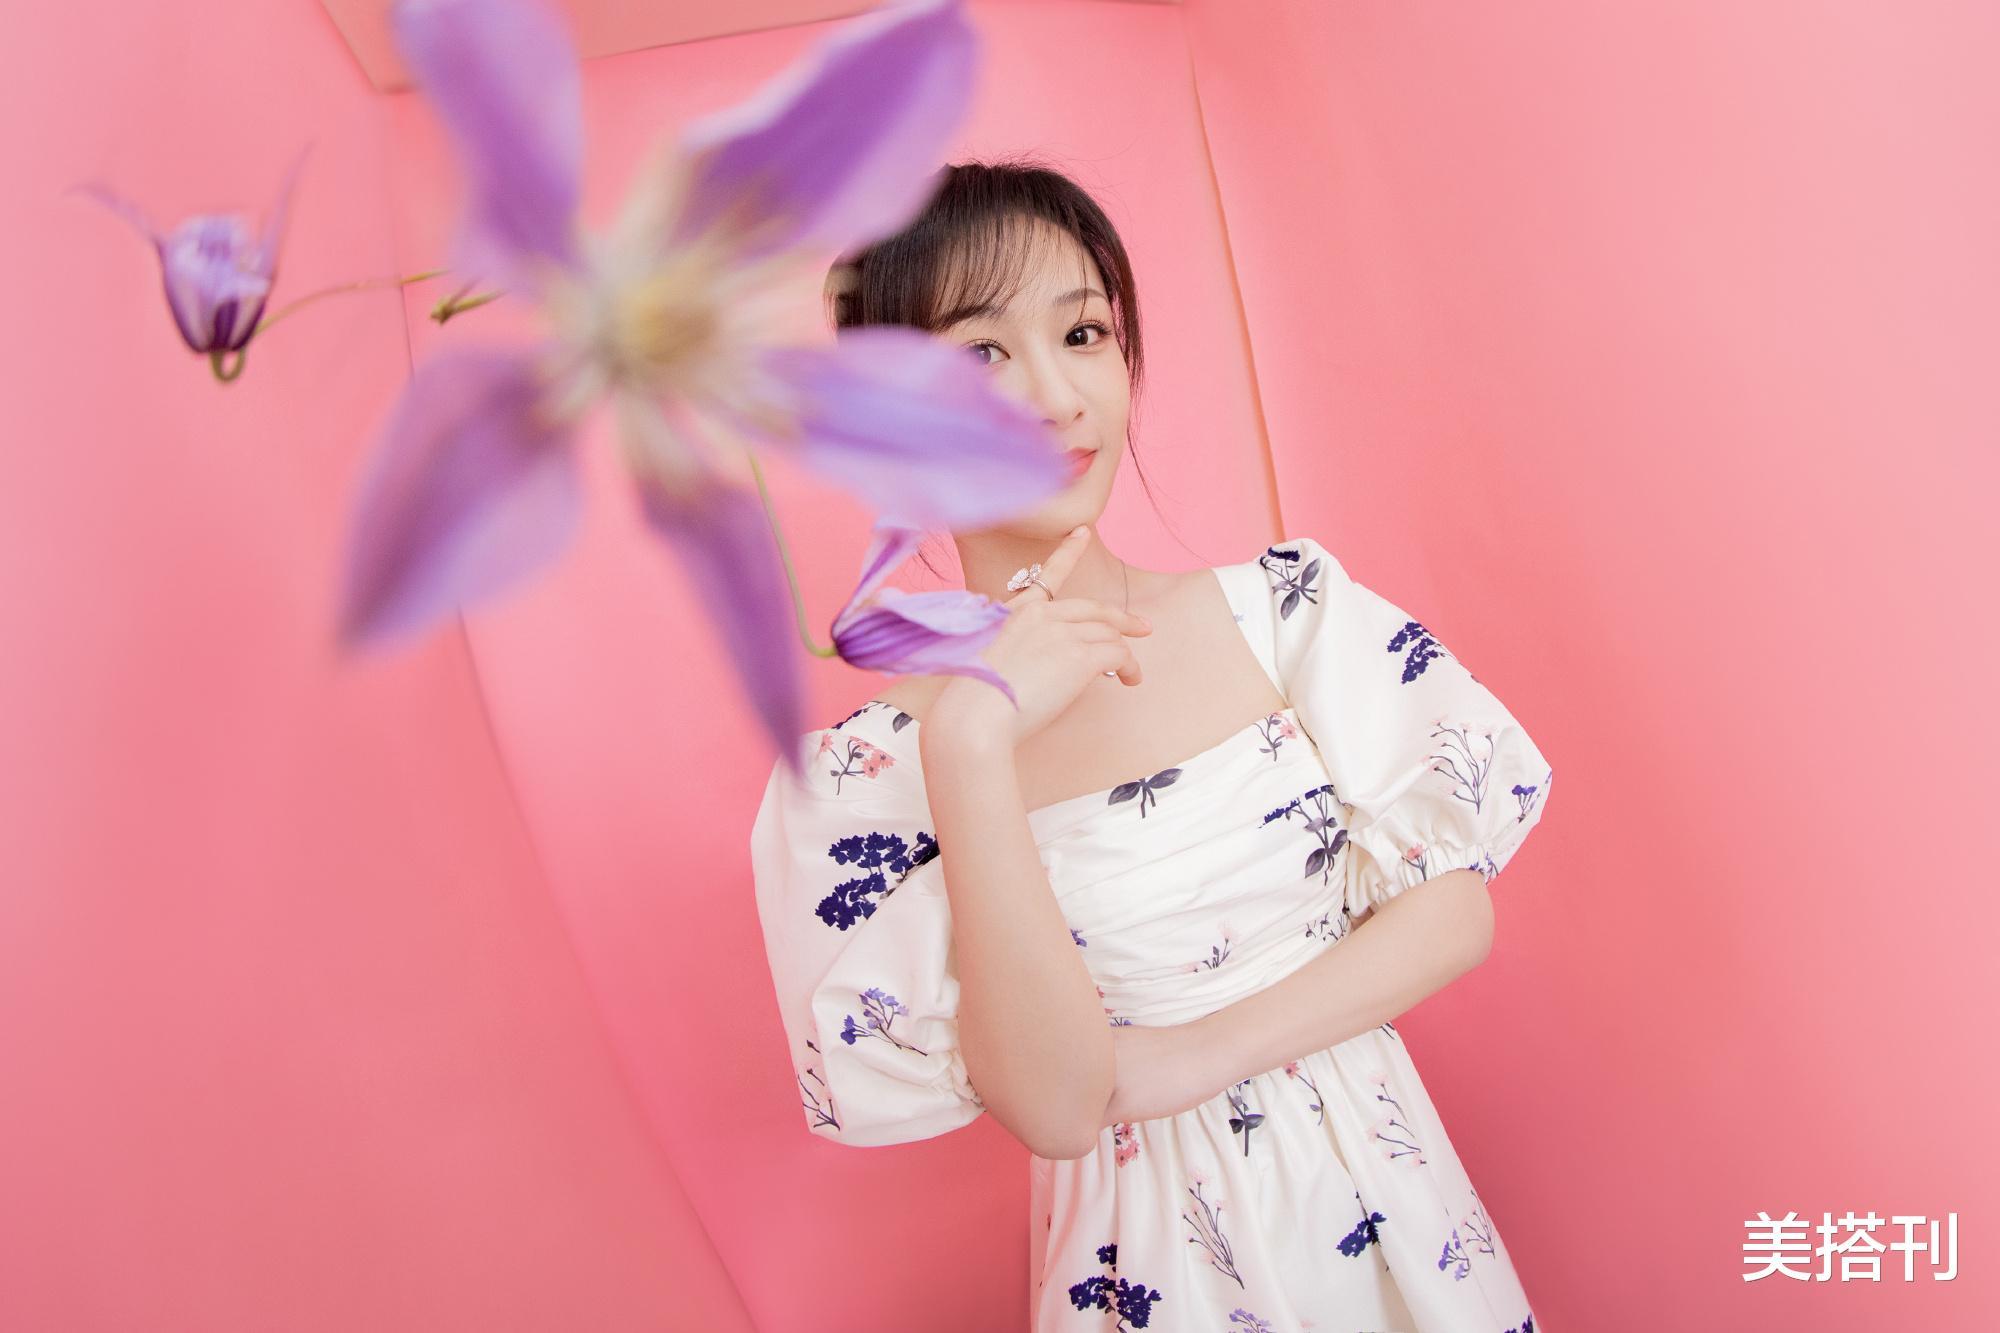 楊紫最新直播造型,一件藍白花色連衣裙活潑可愛,網友:一般好看-圖3